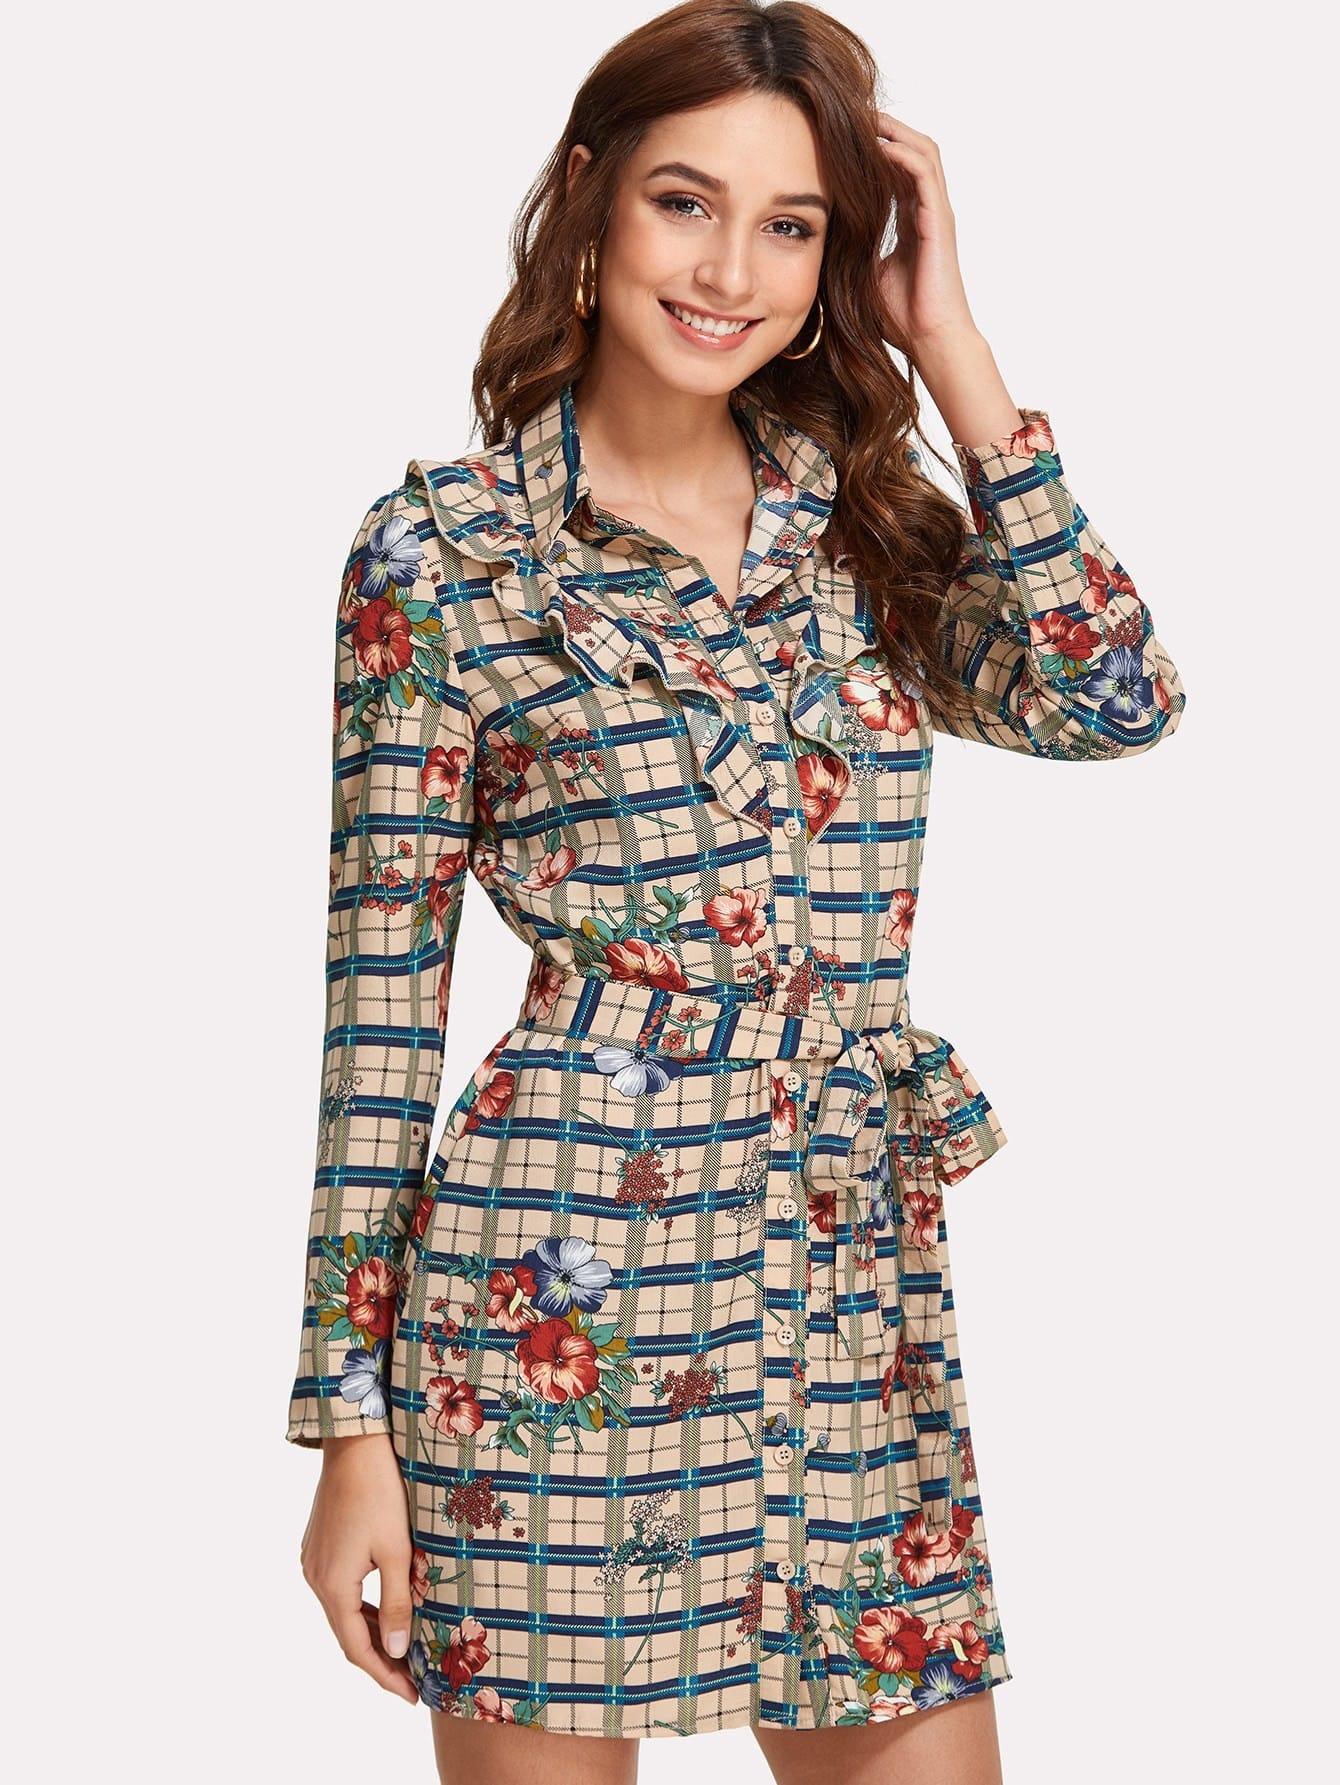 Mixed Print Tie Waist Ruffle Trim Shirt Dress flower print tie waist shirt dress